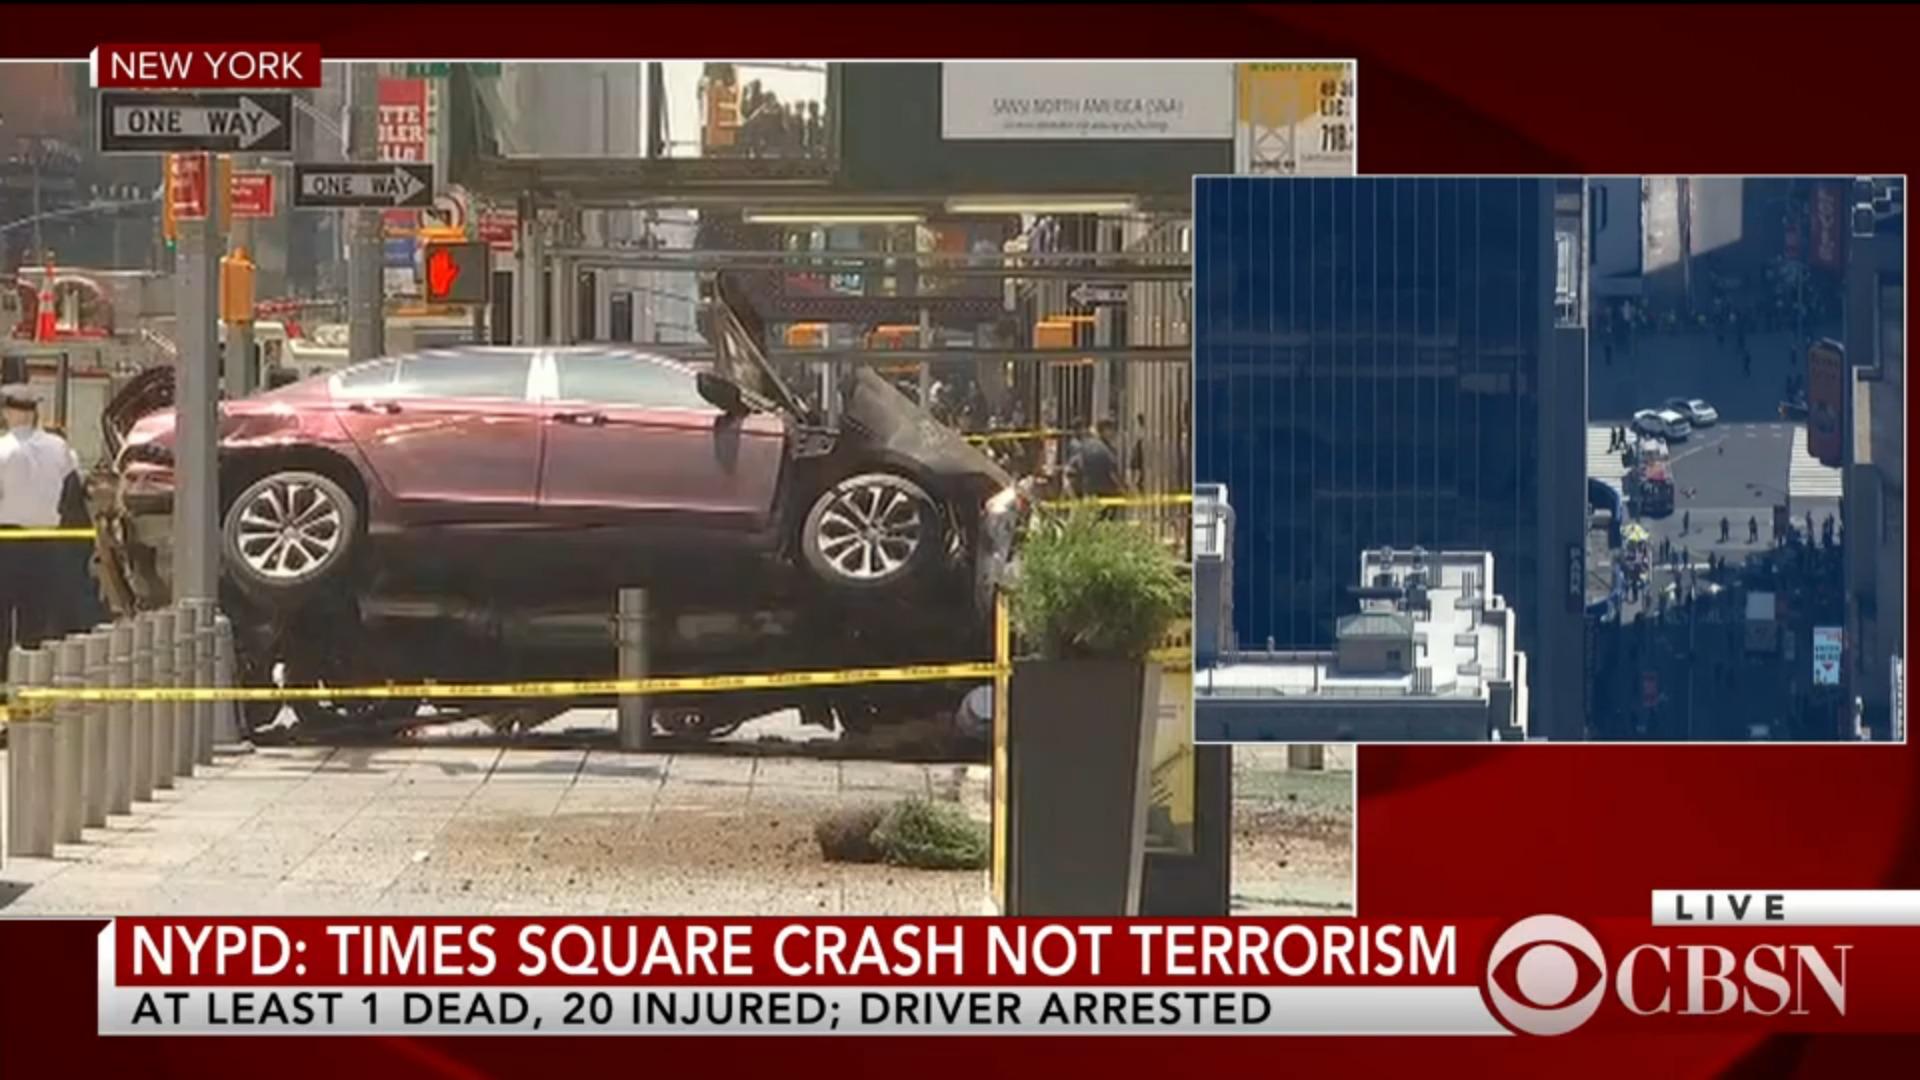 Auto utilizado por el sospechoso para arrollar grupo de personas en Times Square. / Captura de pantalla: CBS News